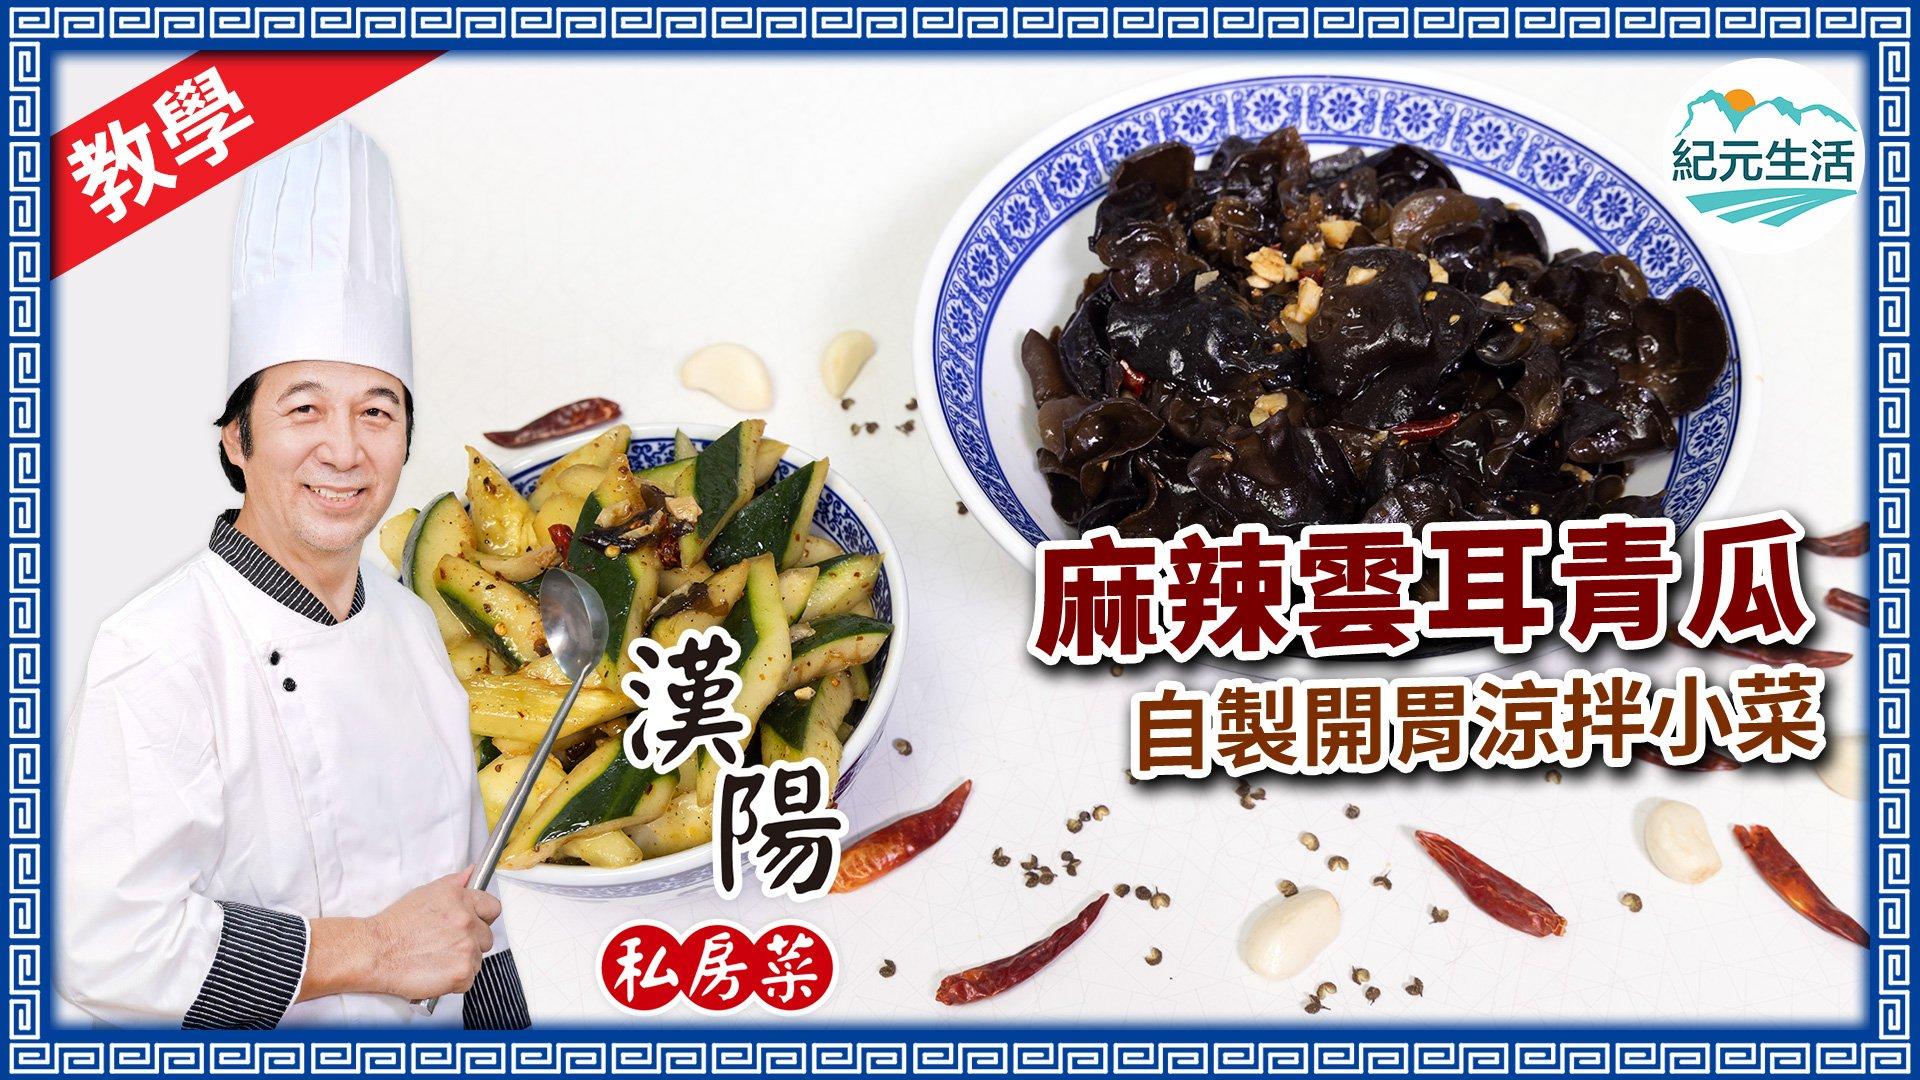 夏天的天氣太熱,常常沒有胃口,今次漢陽大廚就為大家介紹開胃醒神的涼拌小菜——麻辣雲耳青瓜。(設計圖片)